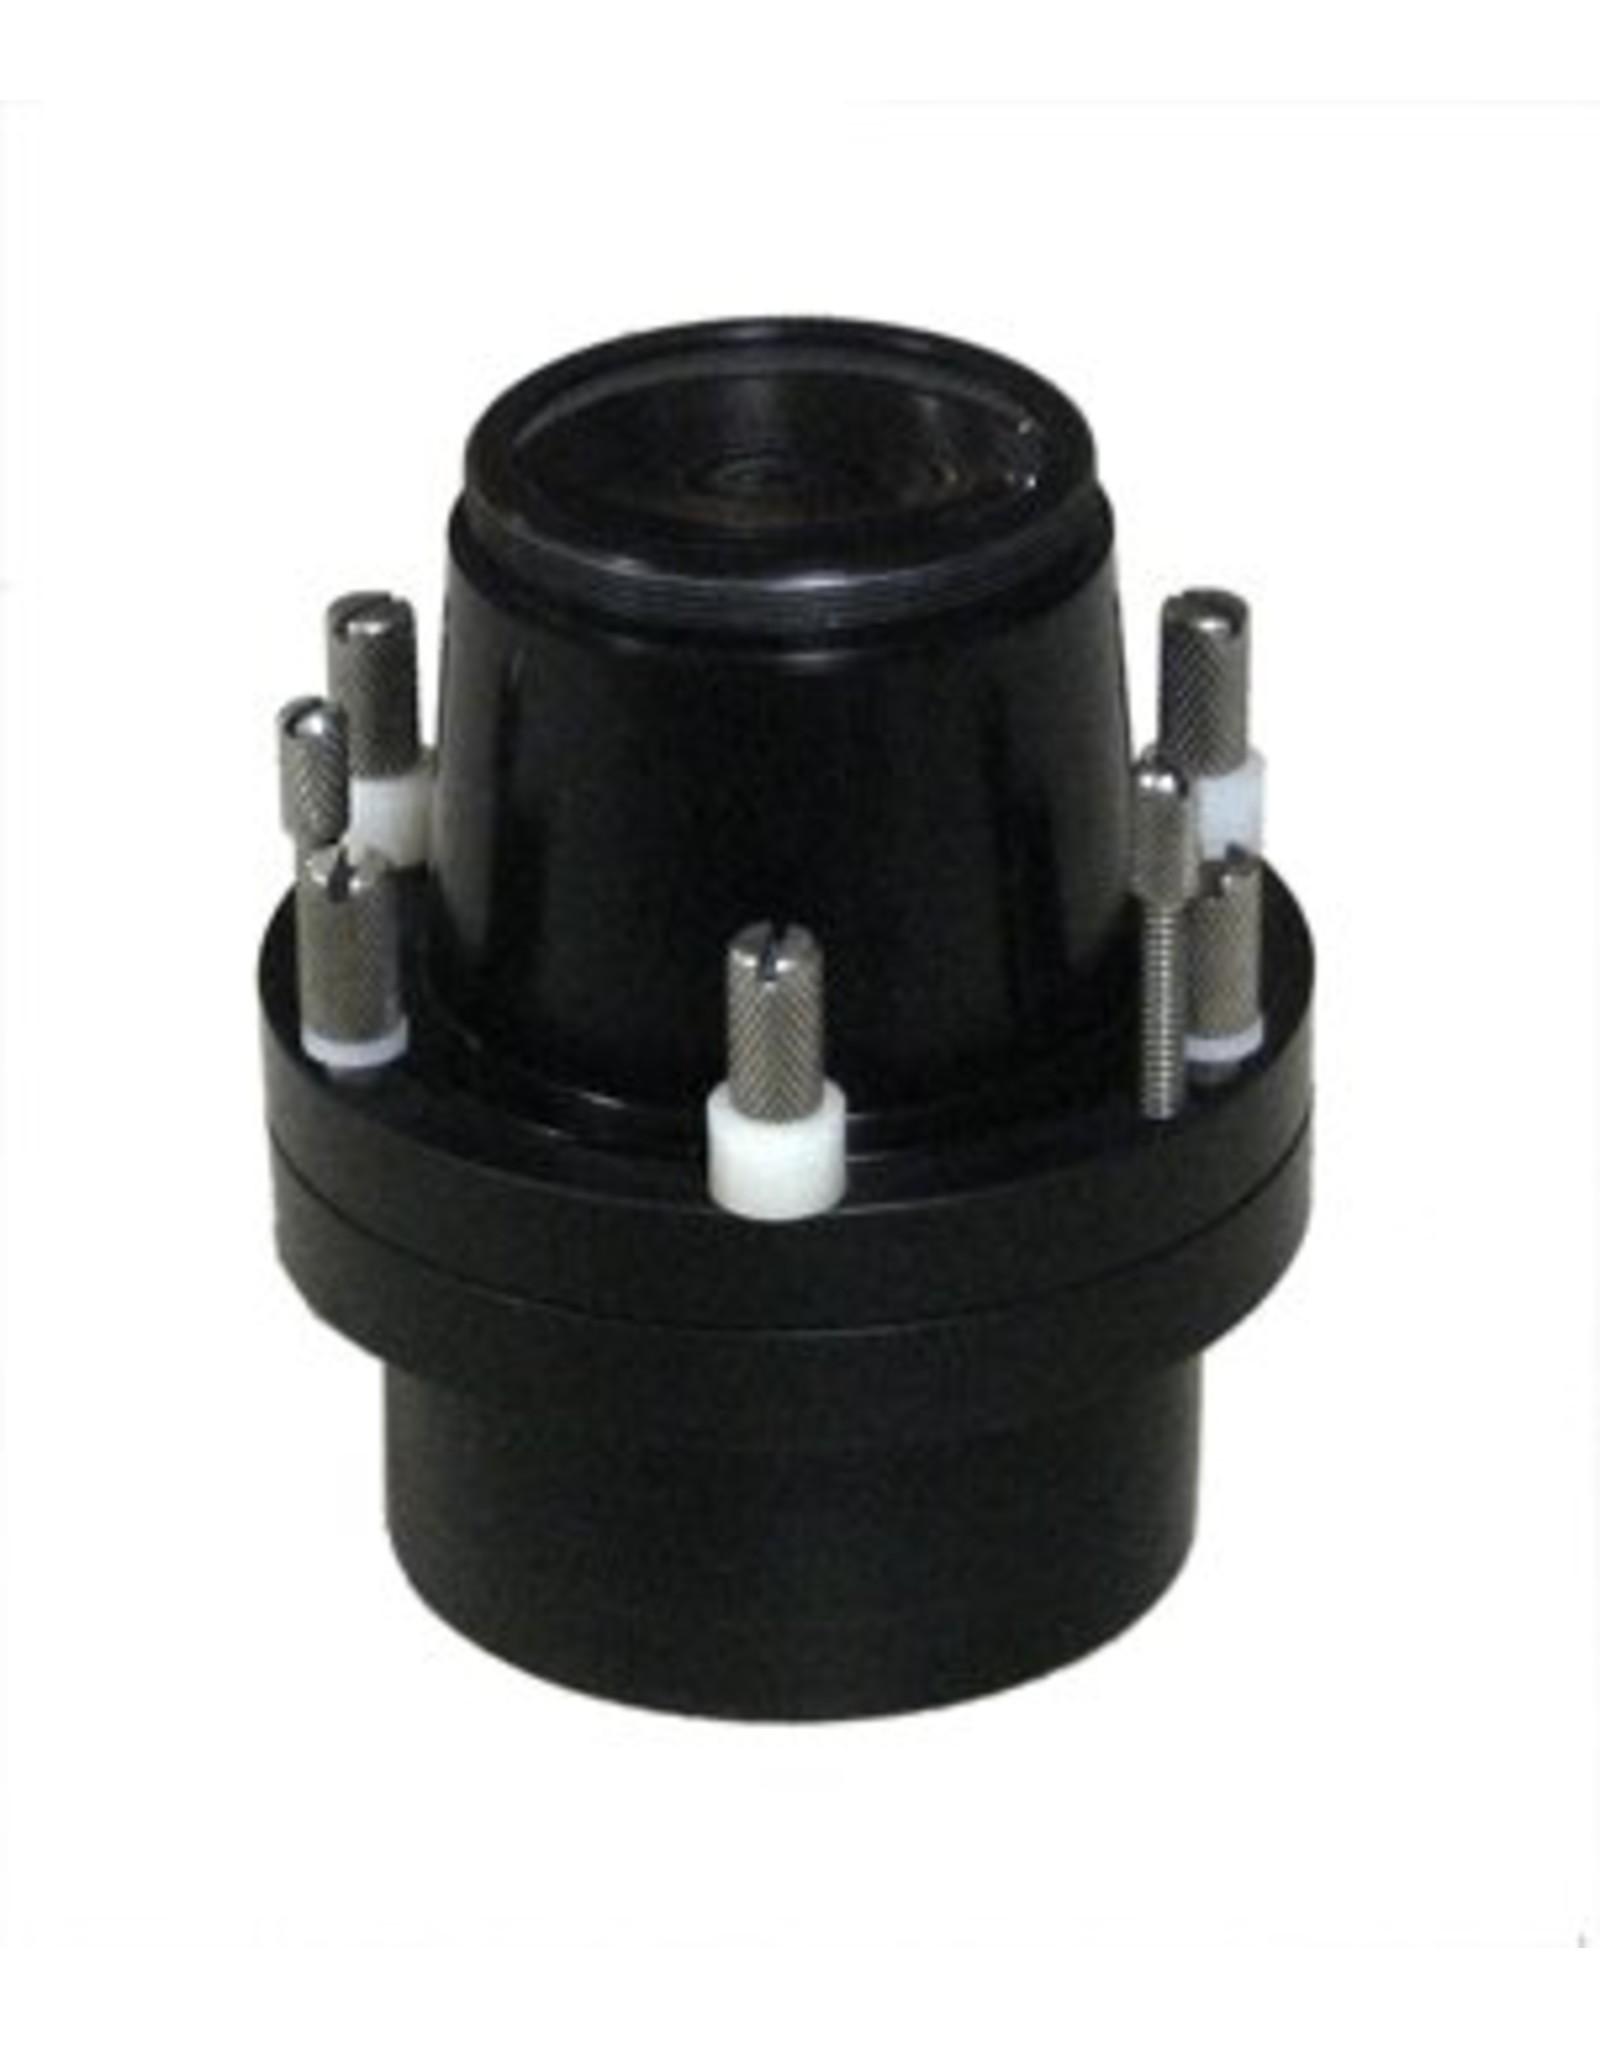 Hyperstar HyperStar Lens - 6'' Celestron (Specify Camera Model)